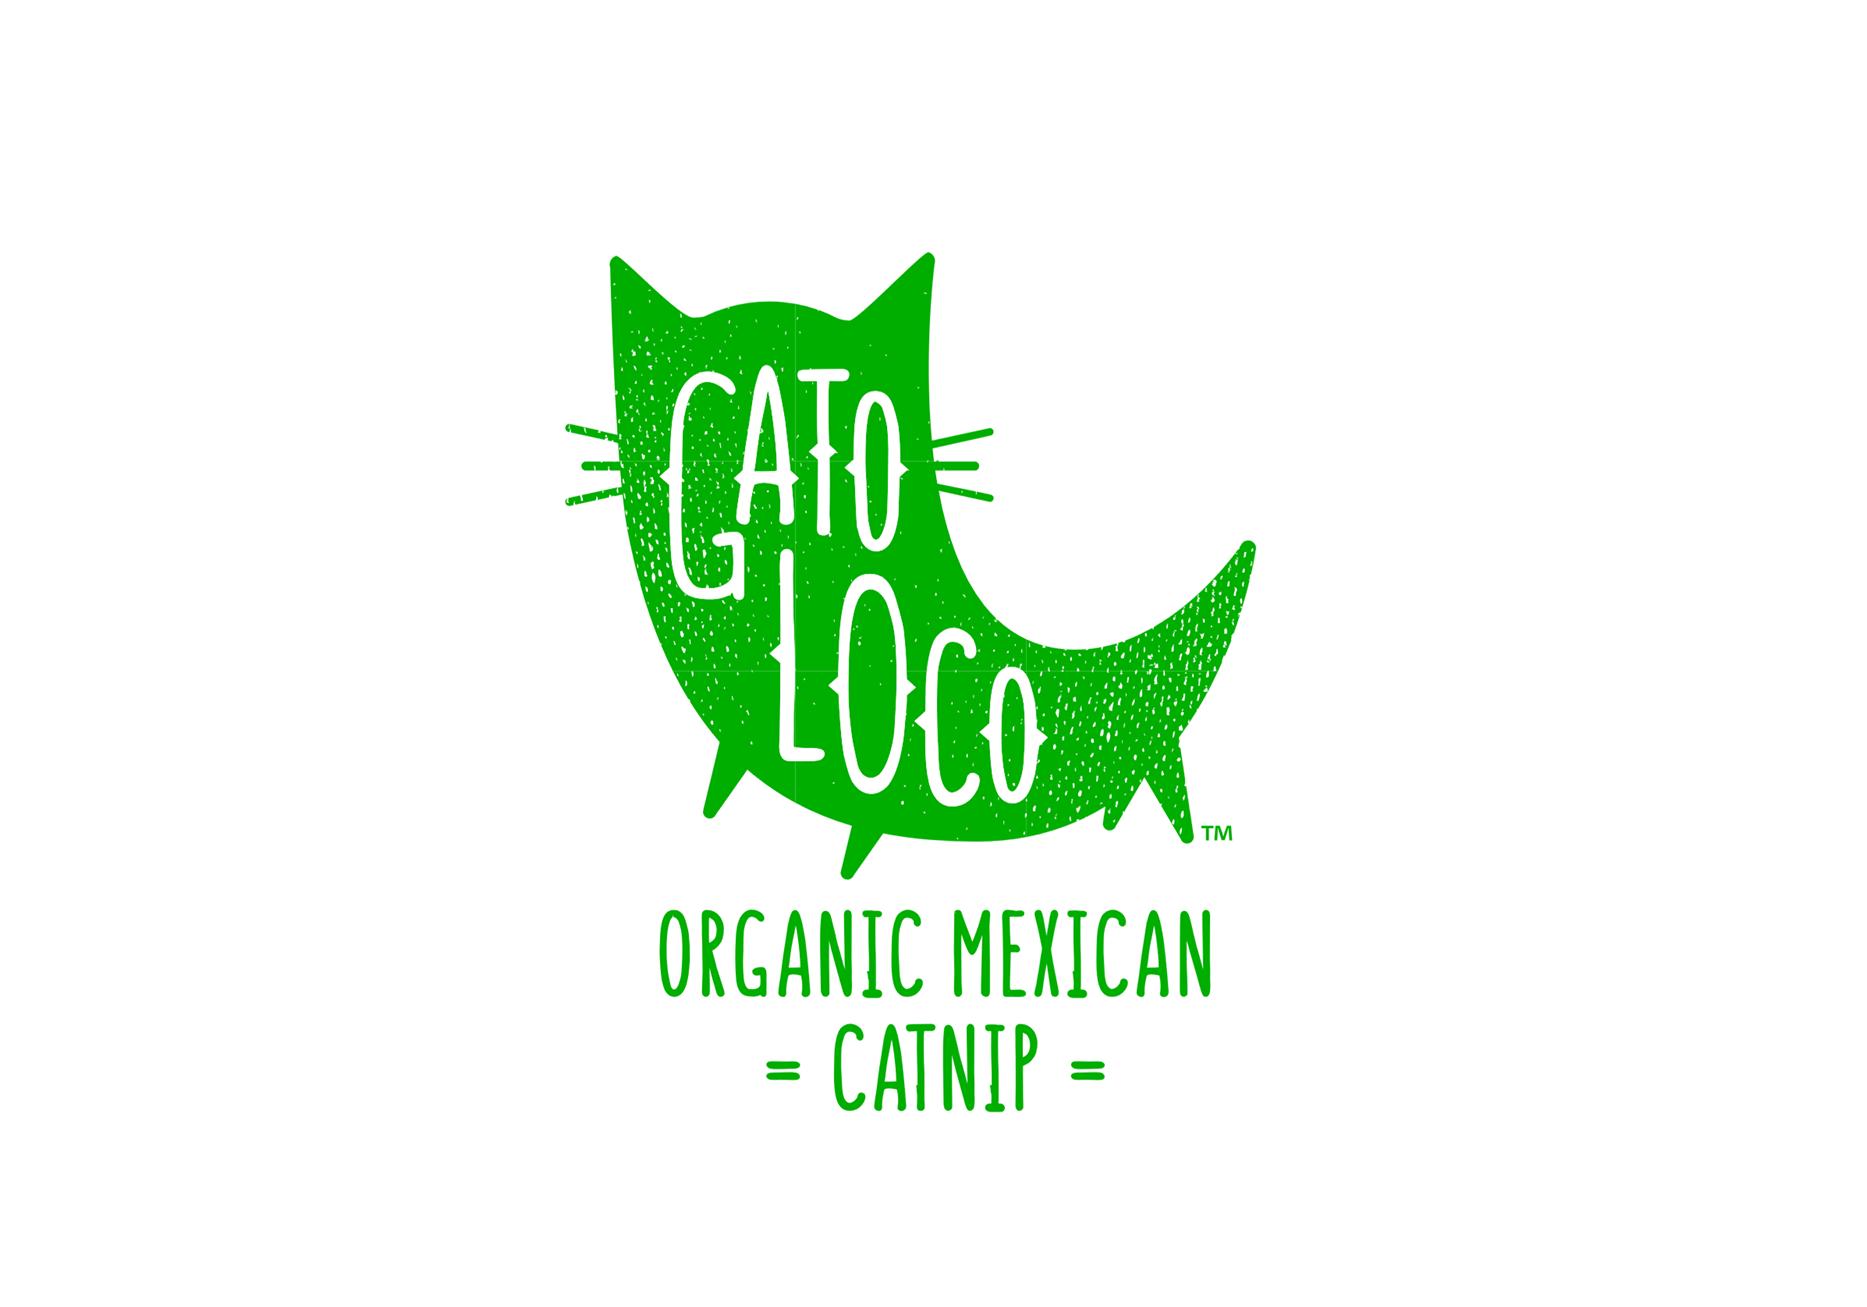 GATO-LOCO-1